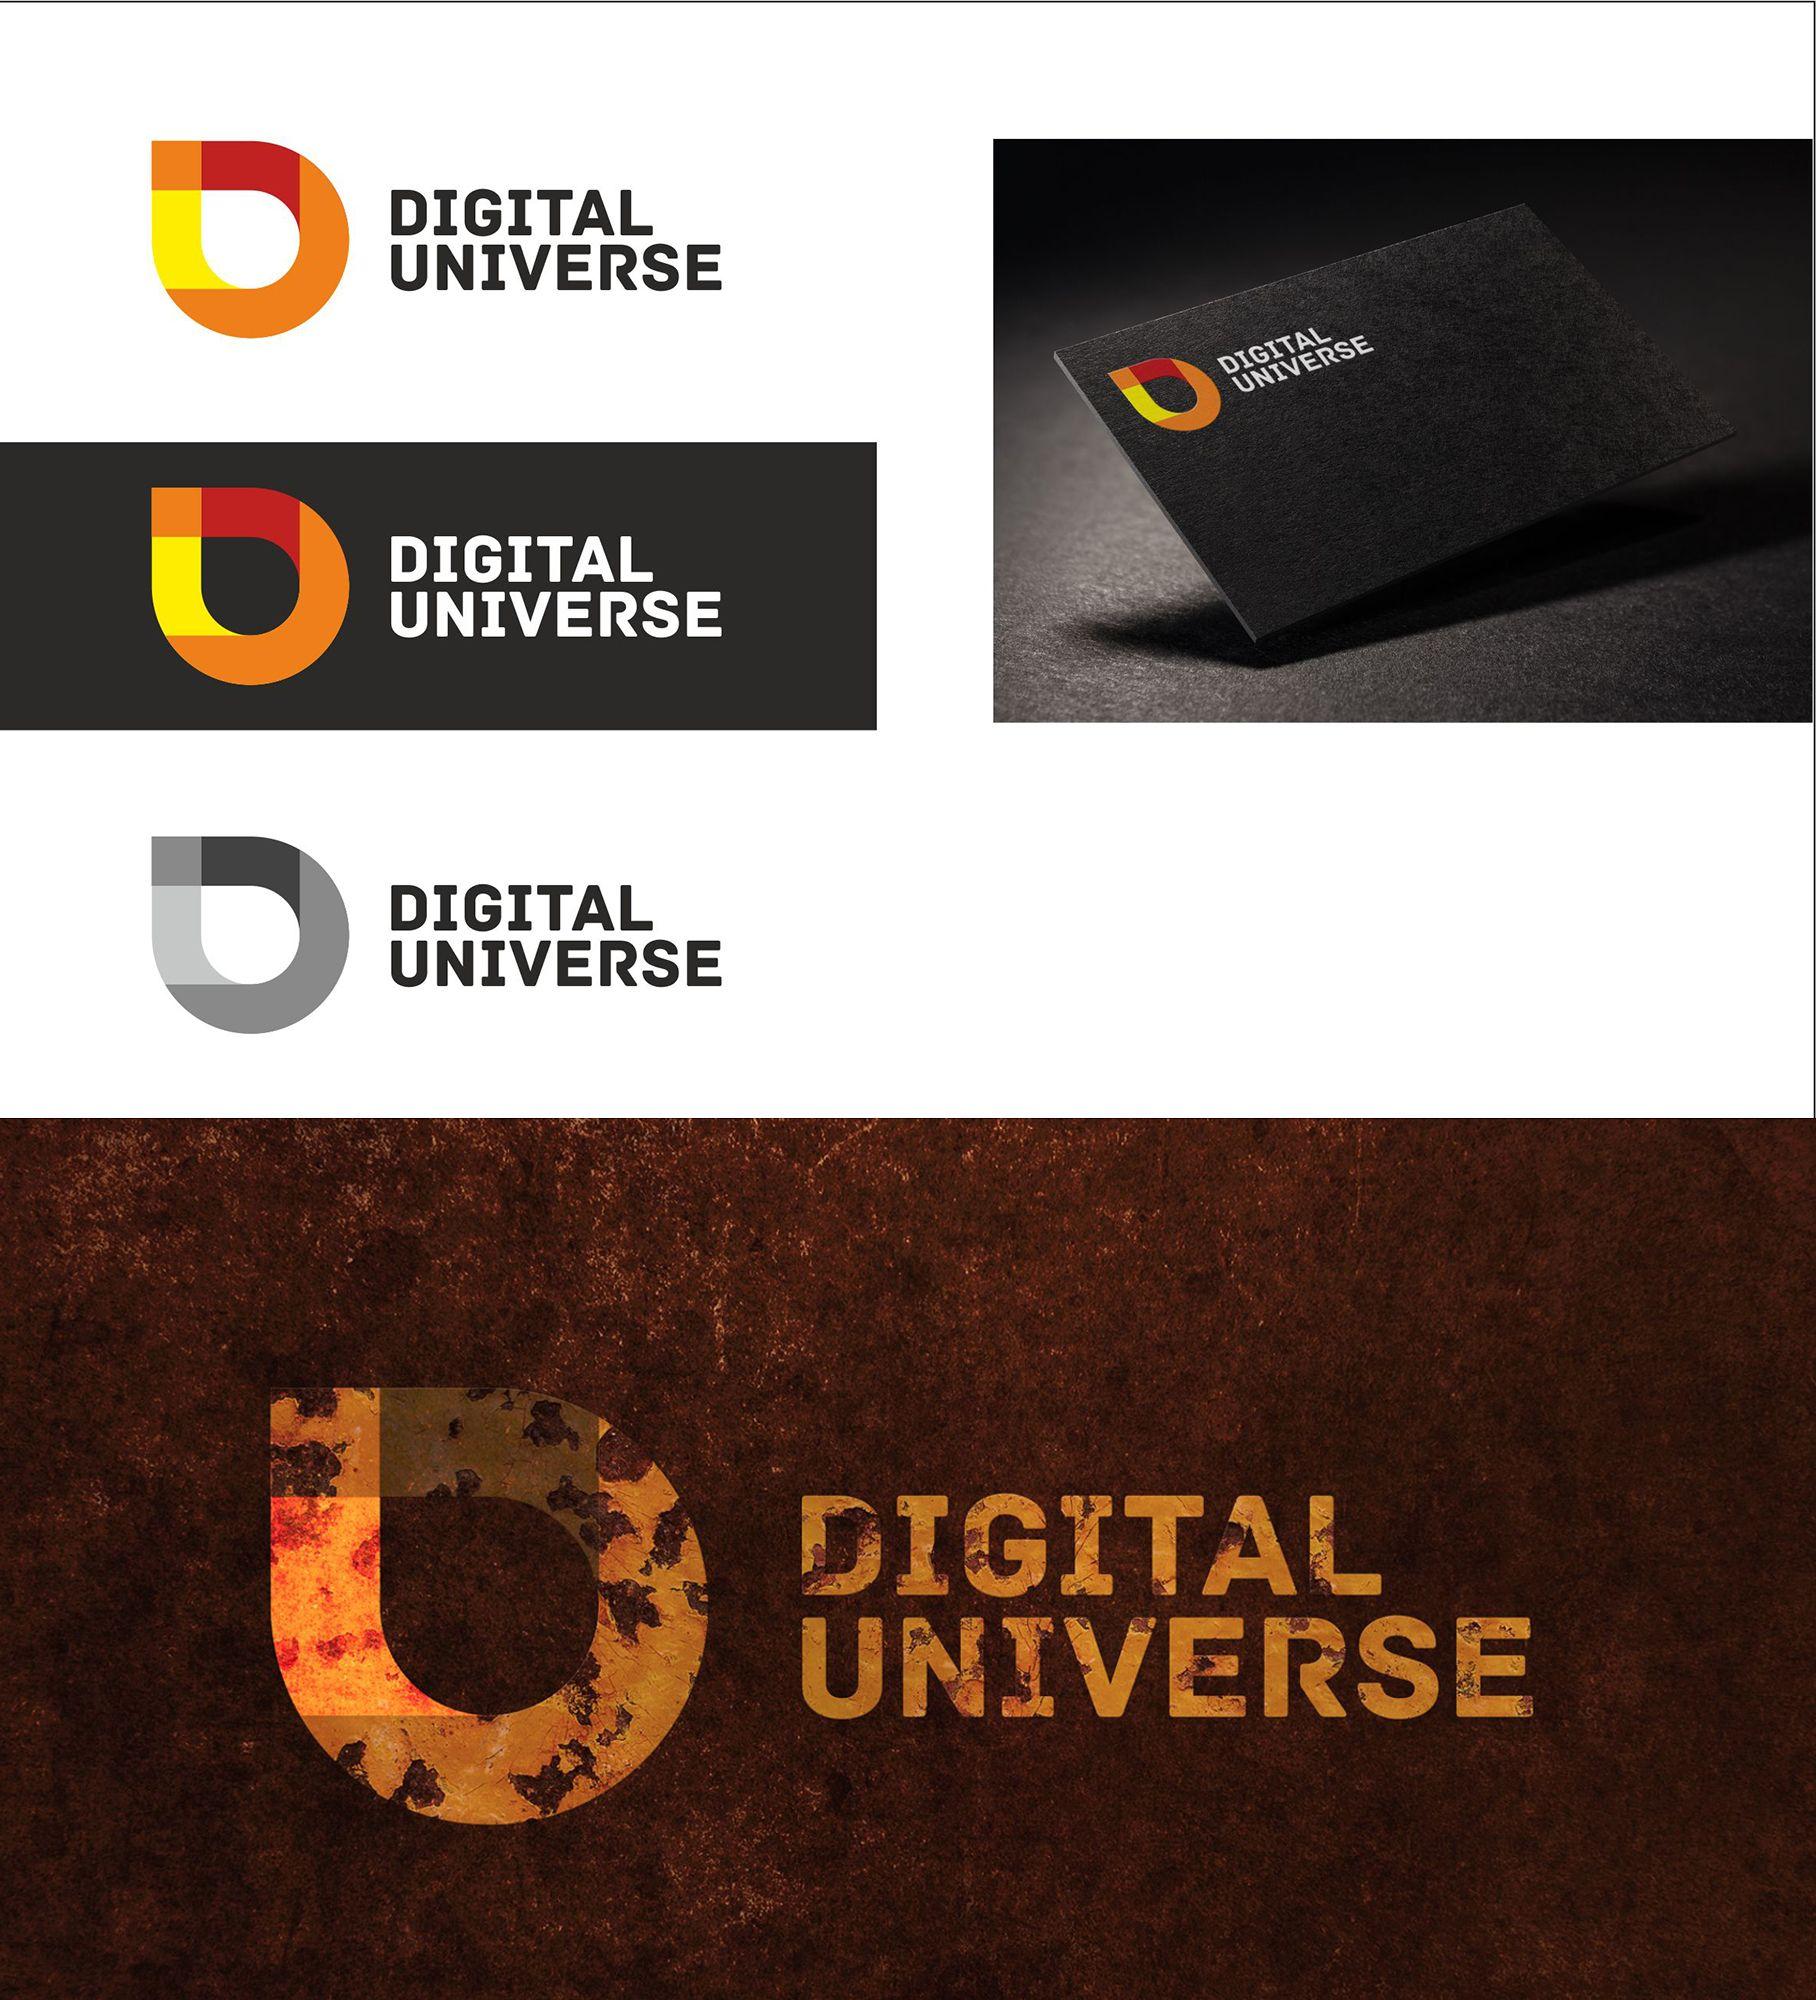 логотип для компании-разработчика ММО-игр - дизайнер likuem